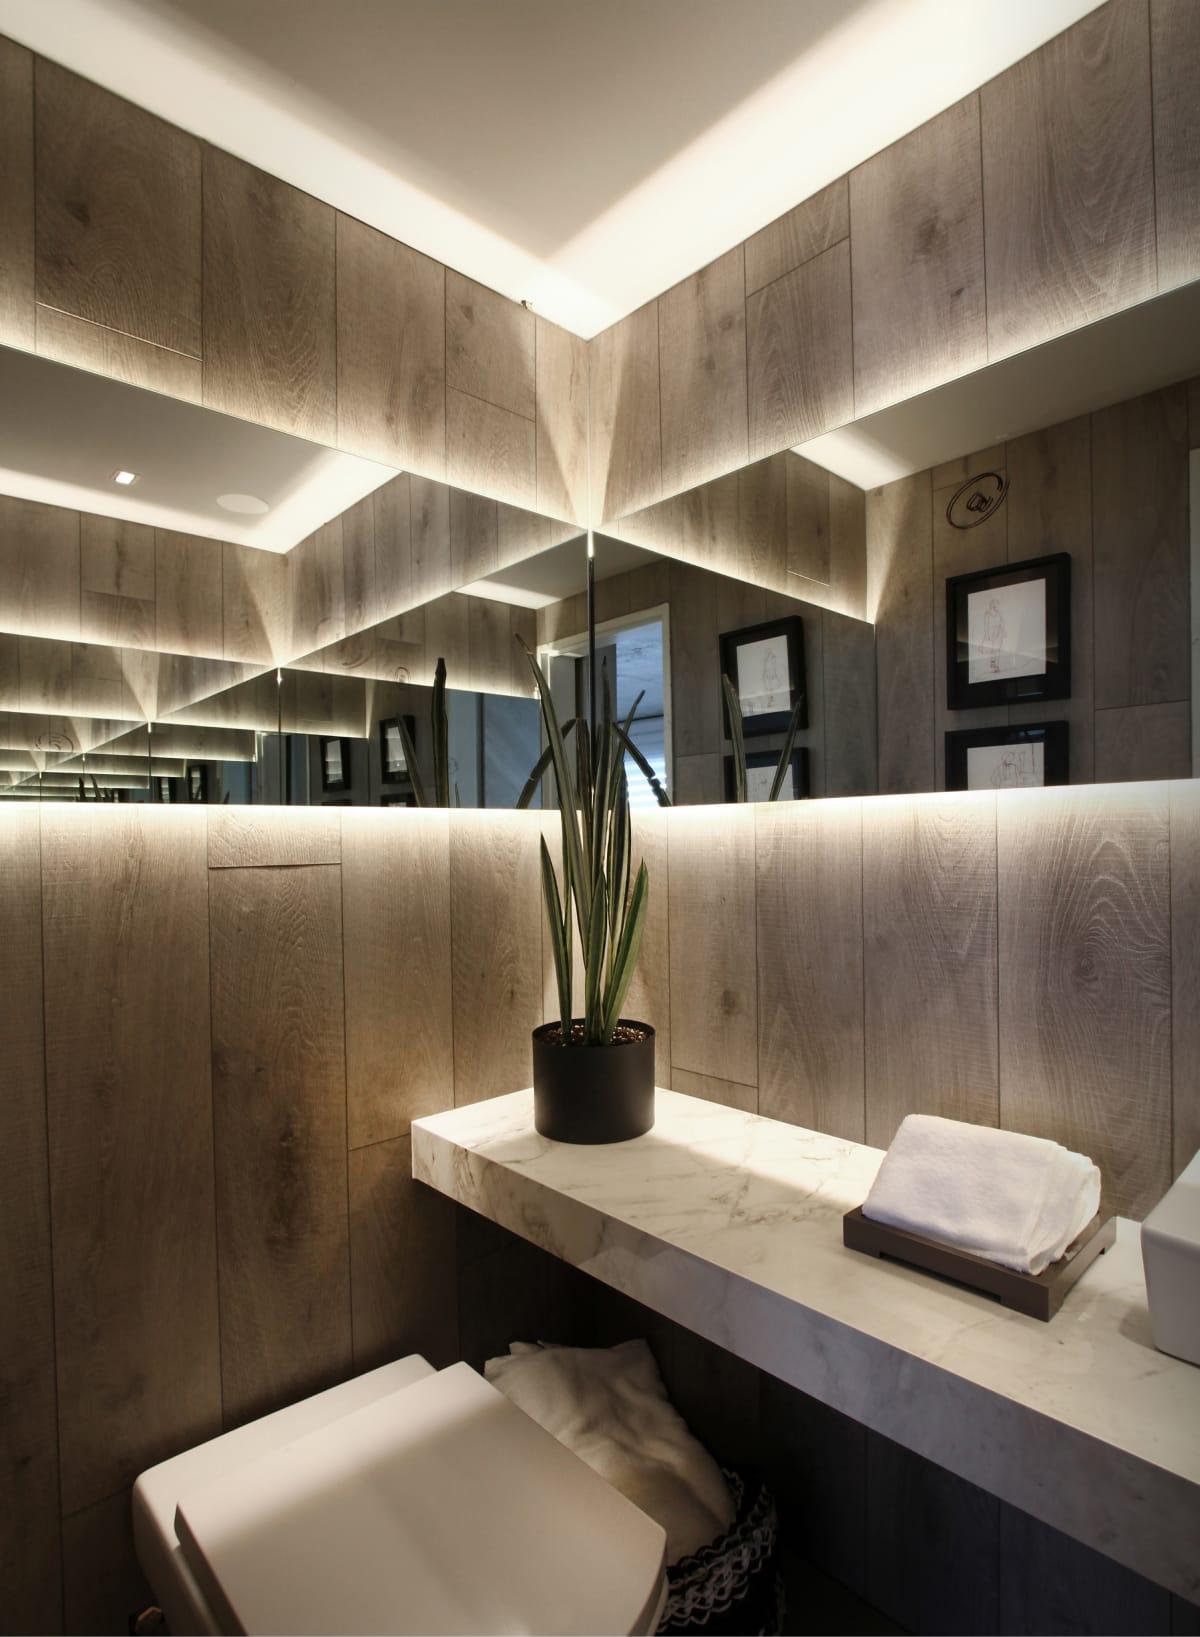 Los espejos en esquina e iluminación para crear un efecto escenográfico en el toilette.